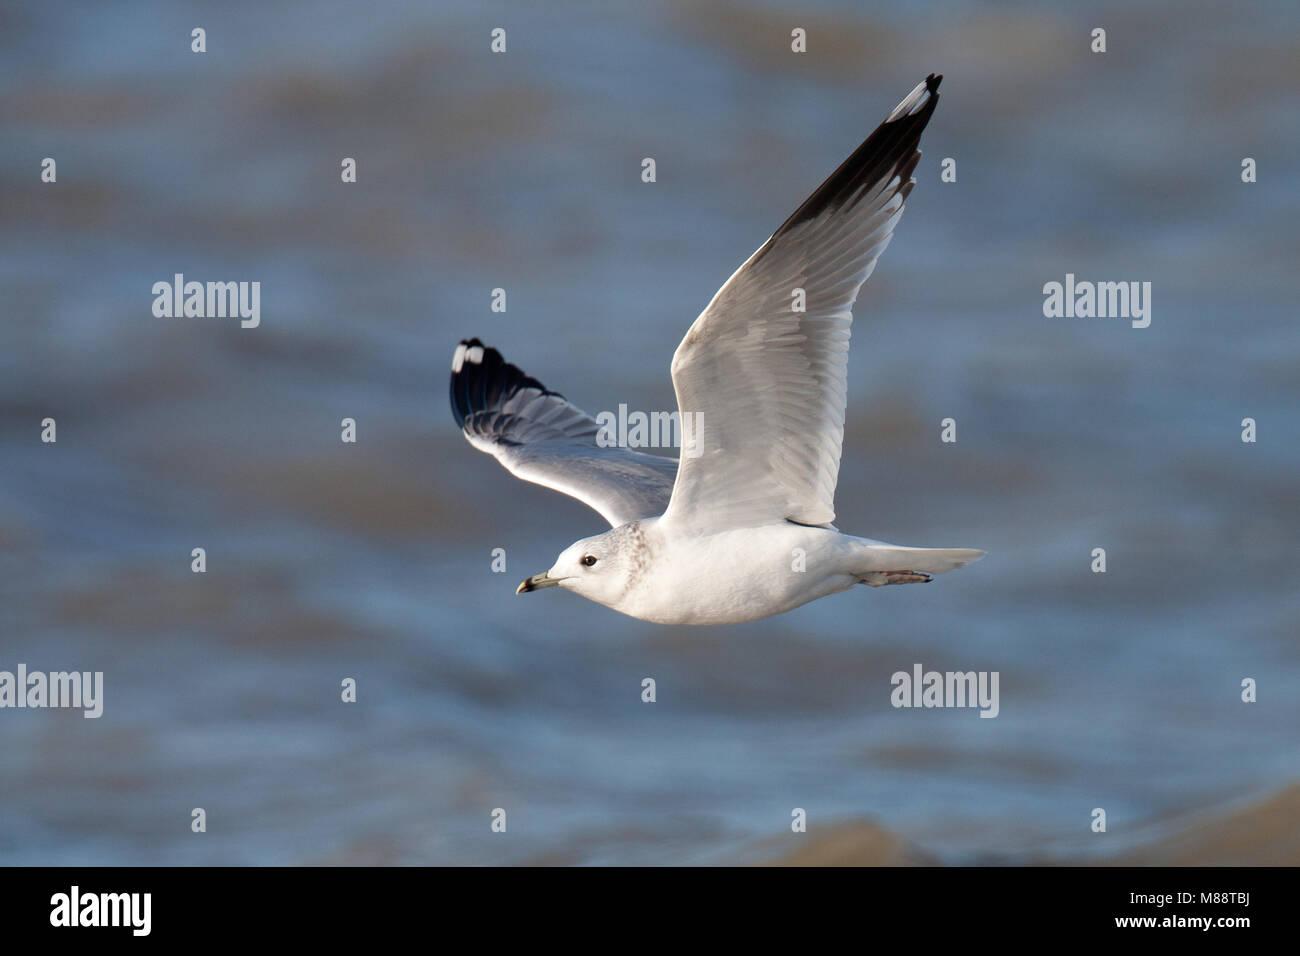 Vliegende Stormmeeuw in tweede winterkleed; Flying Mew Gull in second winter plumage - Stock Image